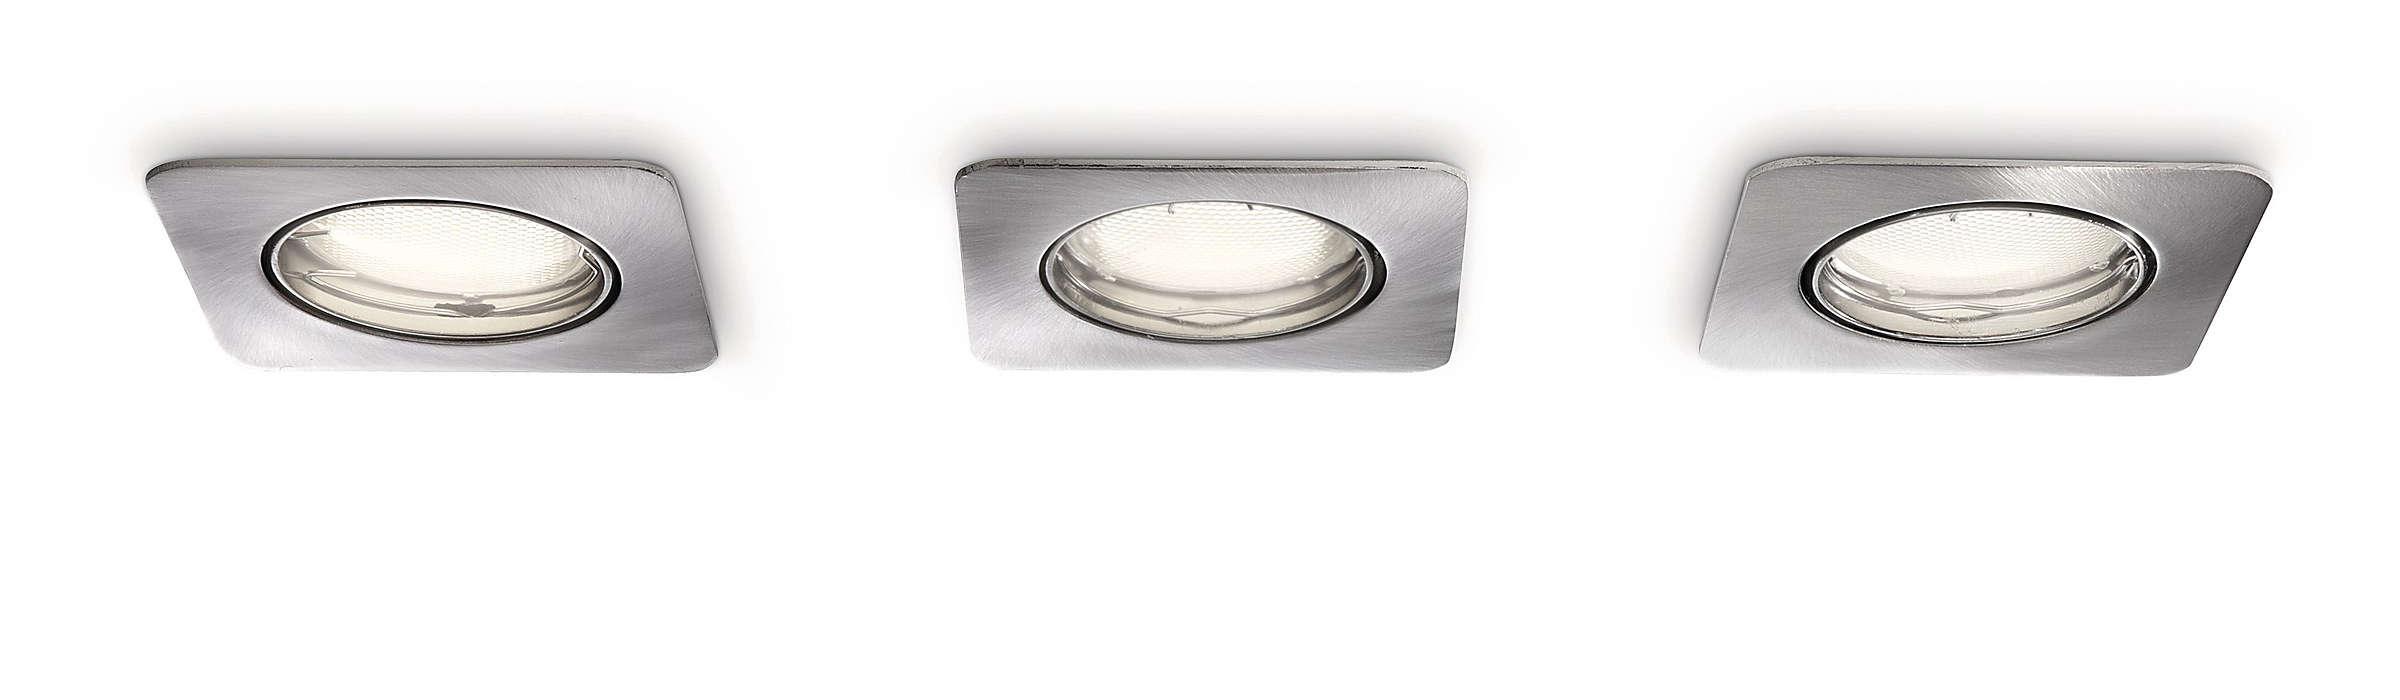 Inteligentne połączenie światła i kształtu